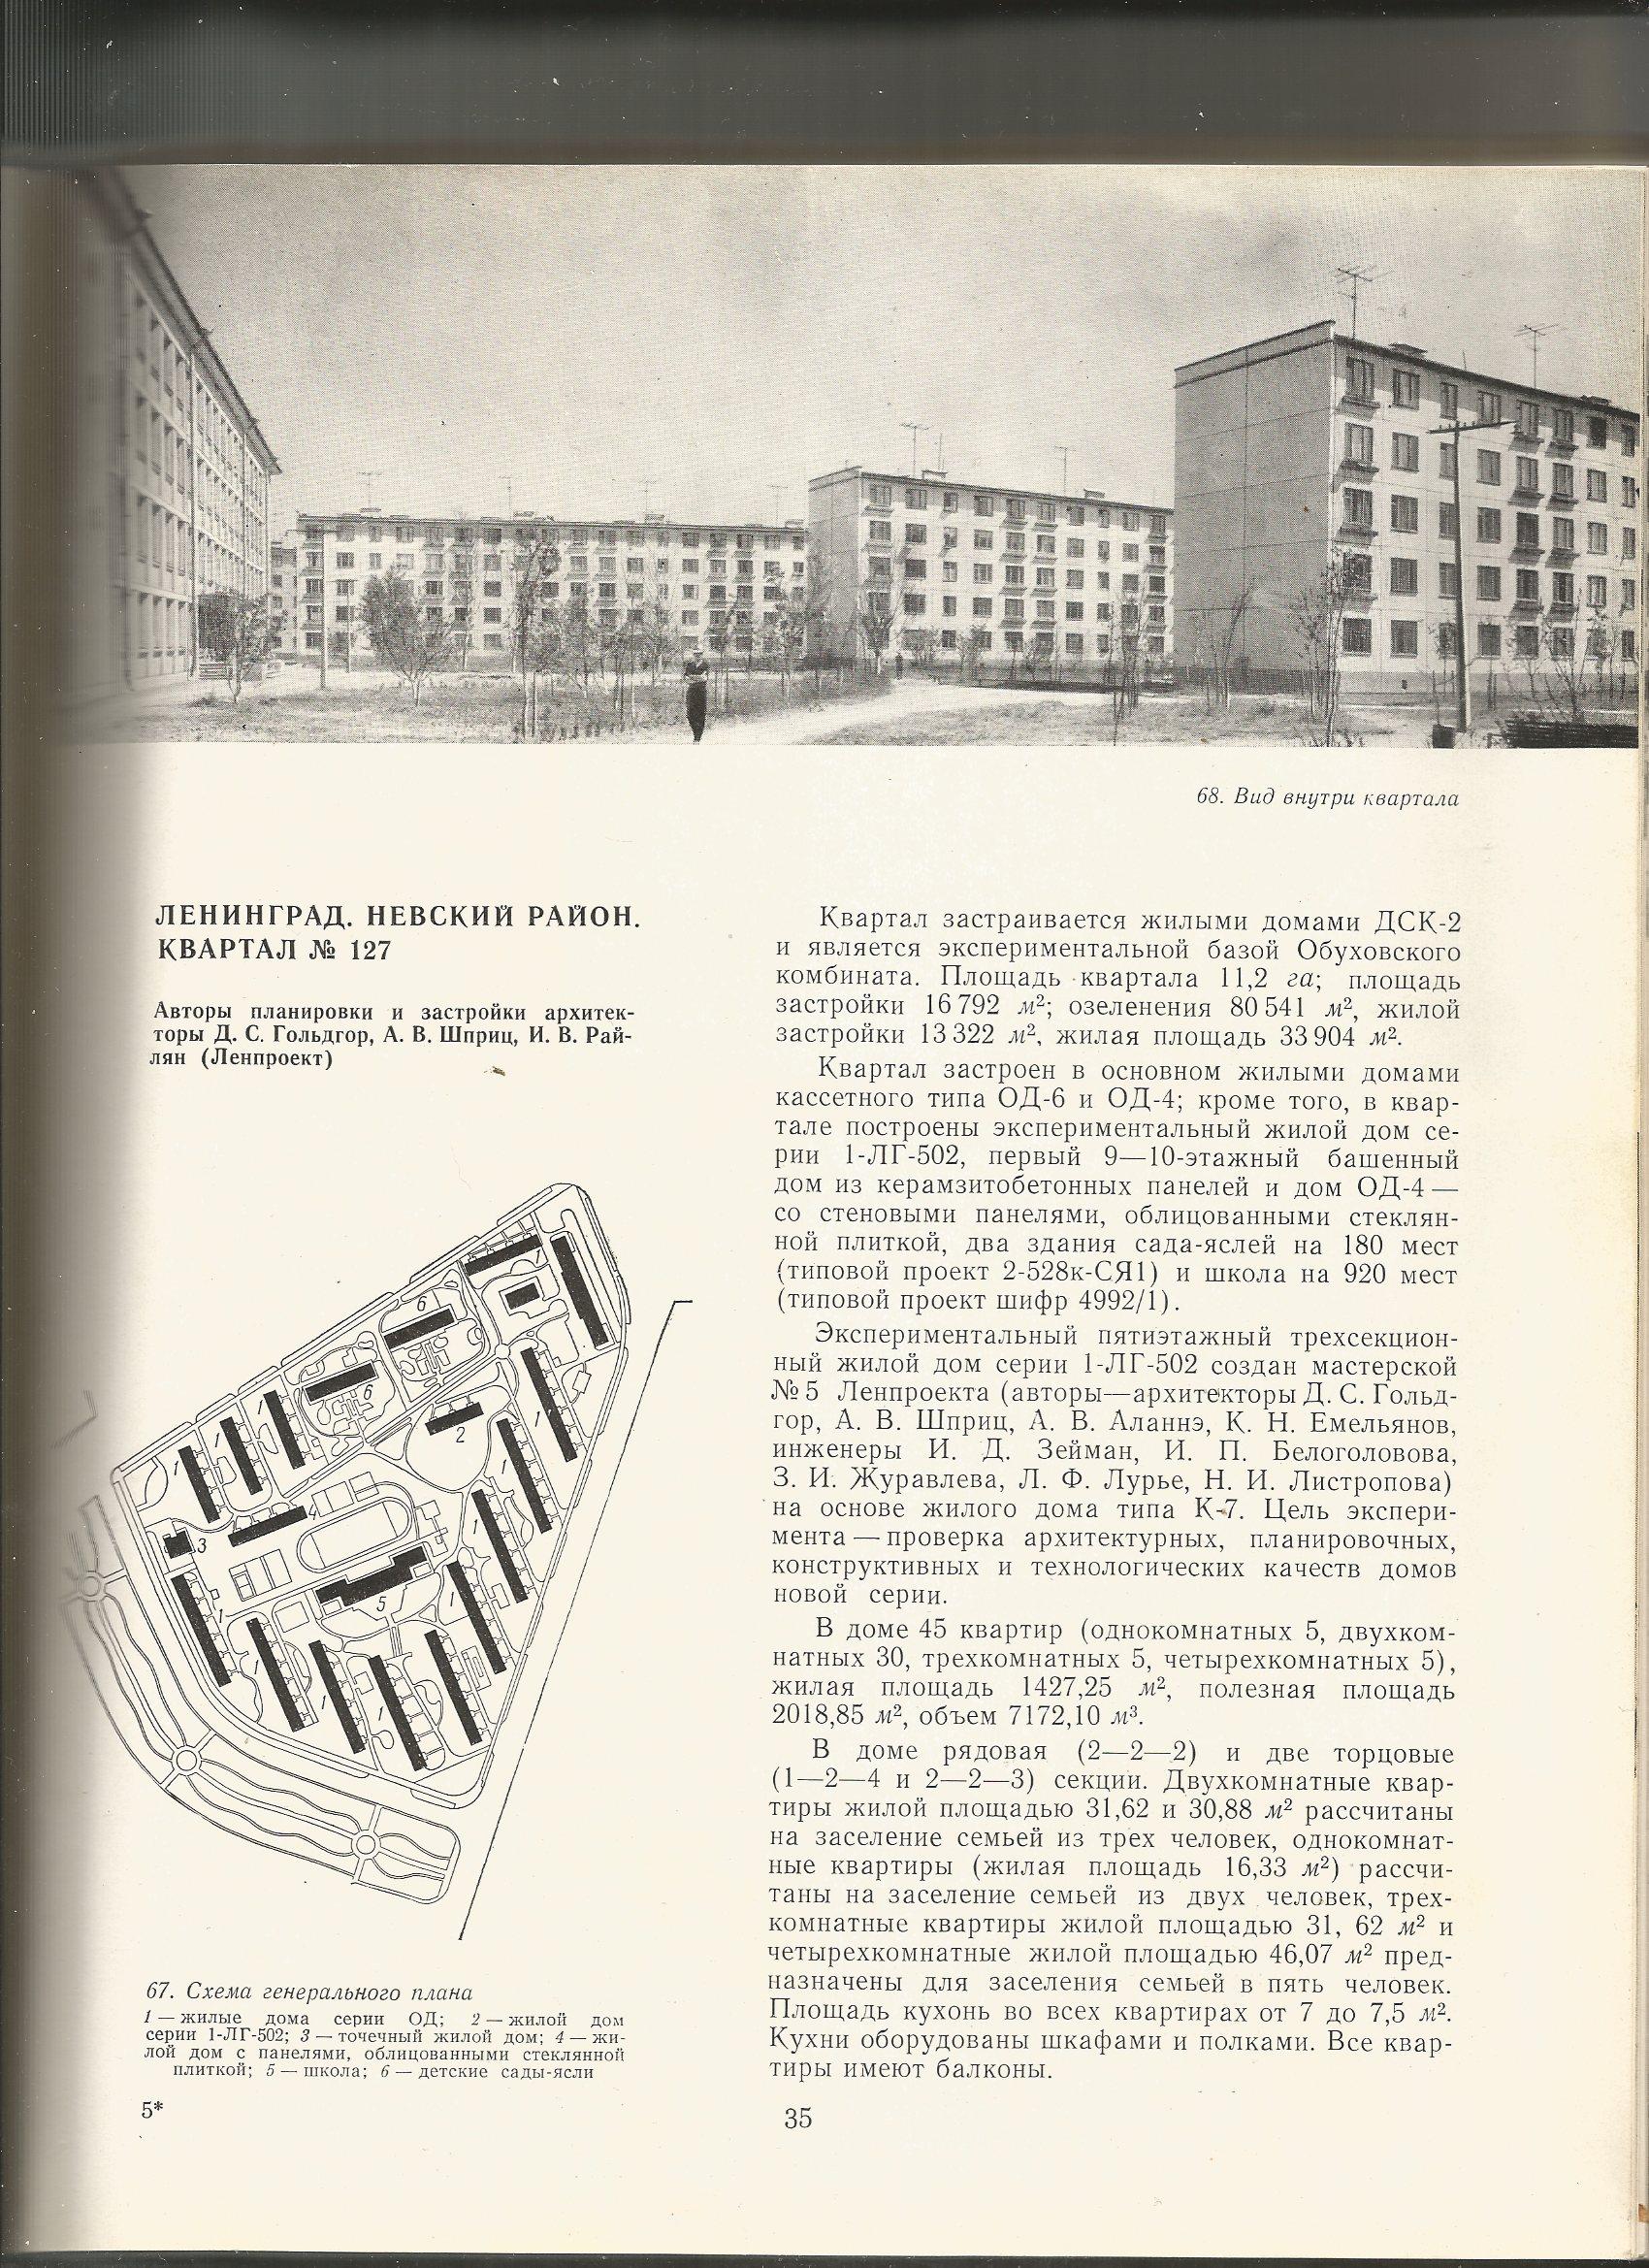 схема нумерации квартир в хрущевке